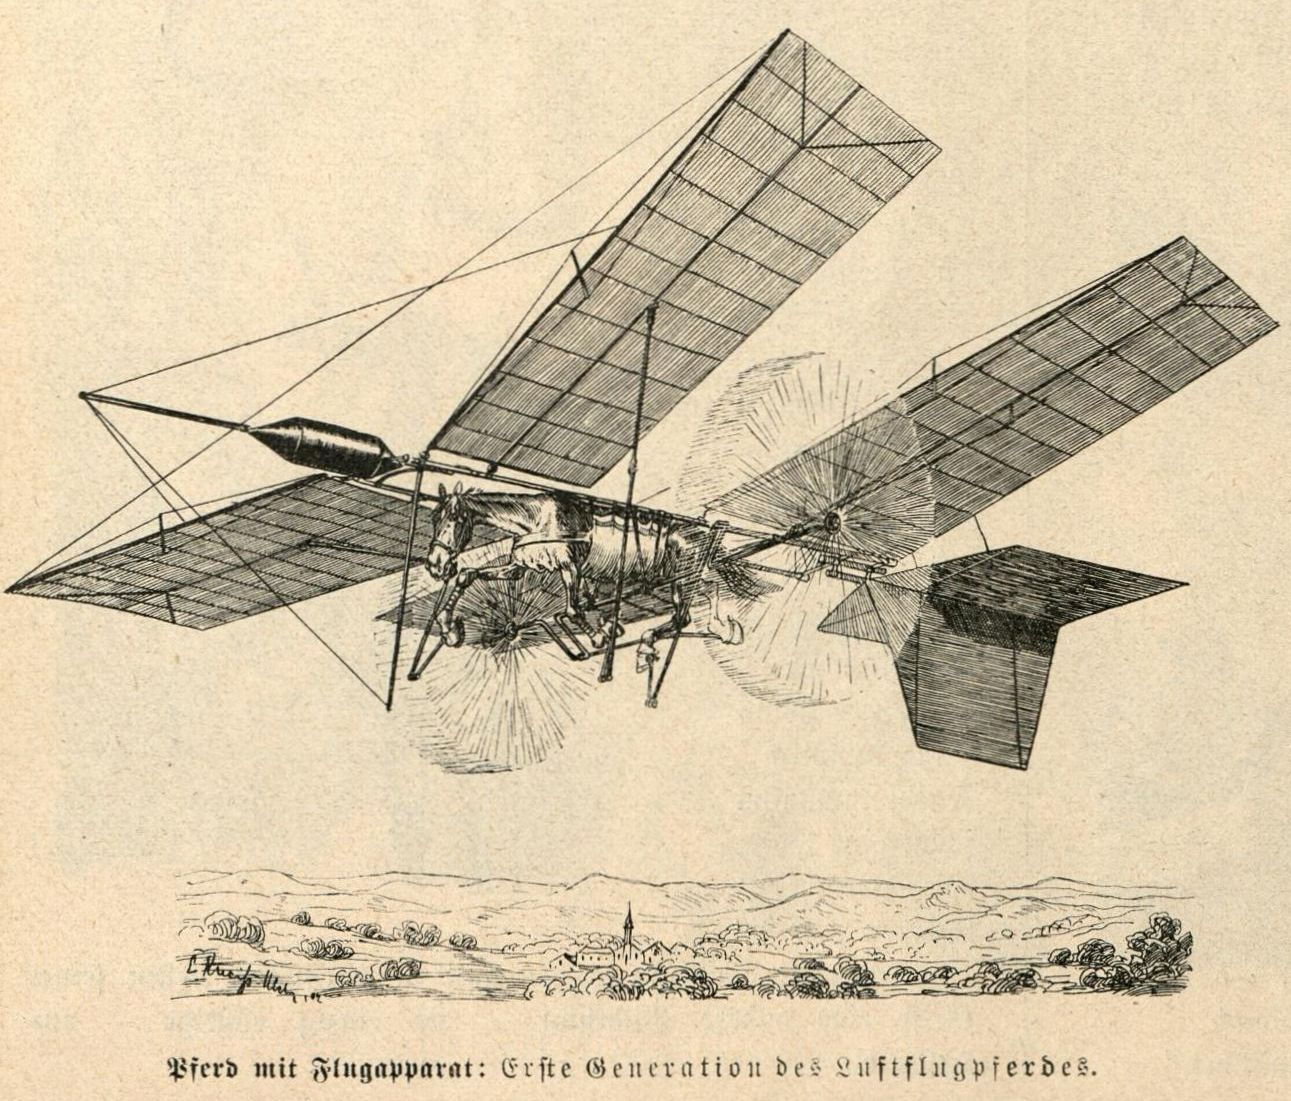 Bild: Pferd mit Flugapparat: Erste Generation des Luftflugpferdes